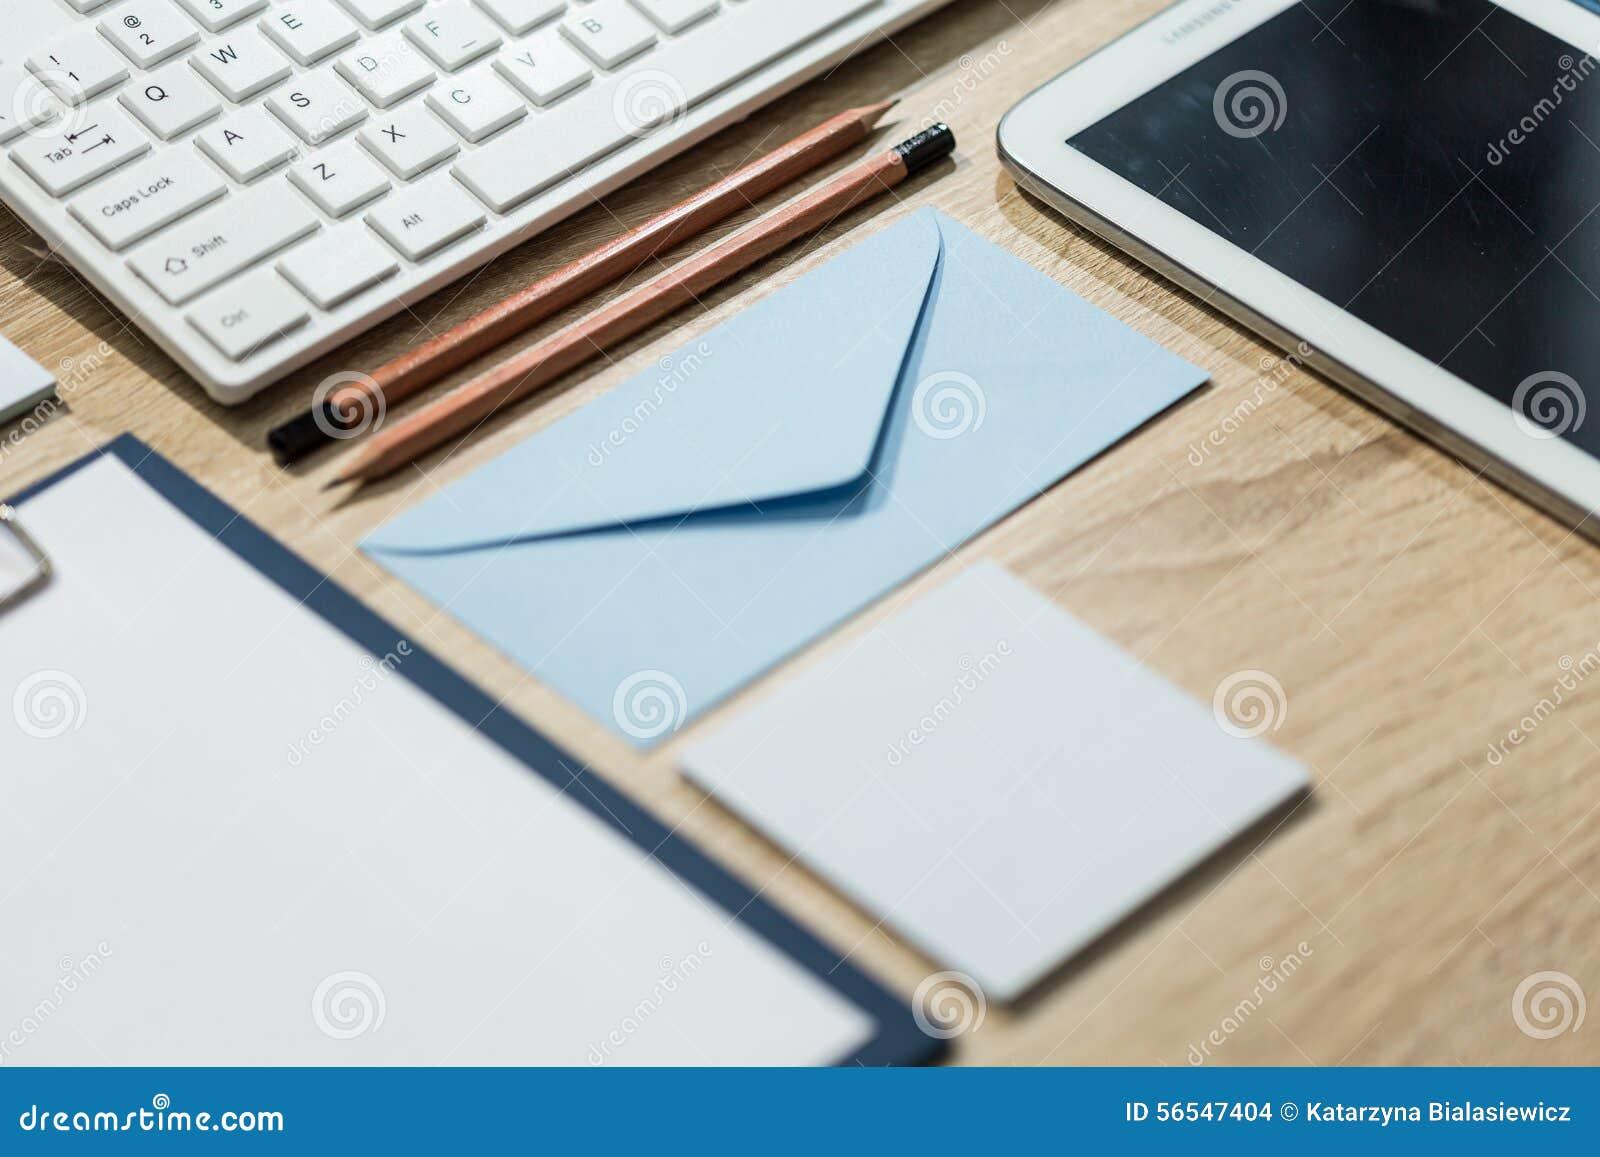 Ordentlich Organisierter Schreibtisch Stockfoto - Bild von innen ...